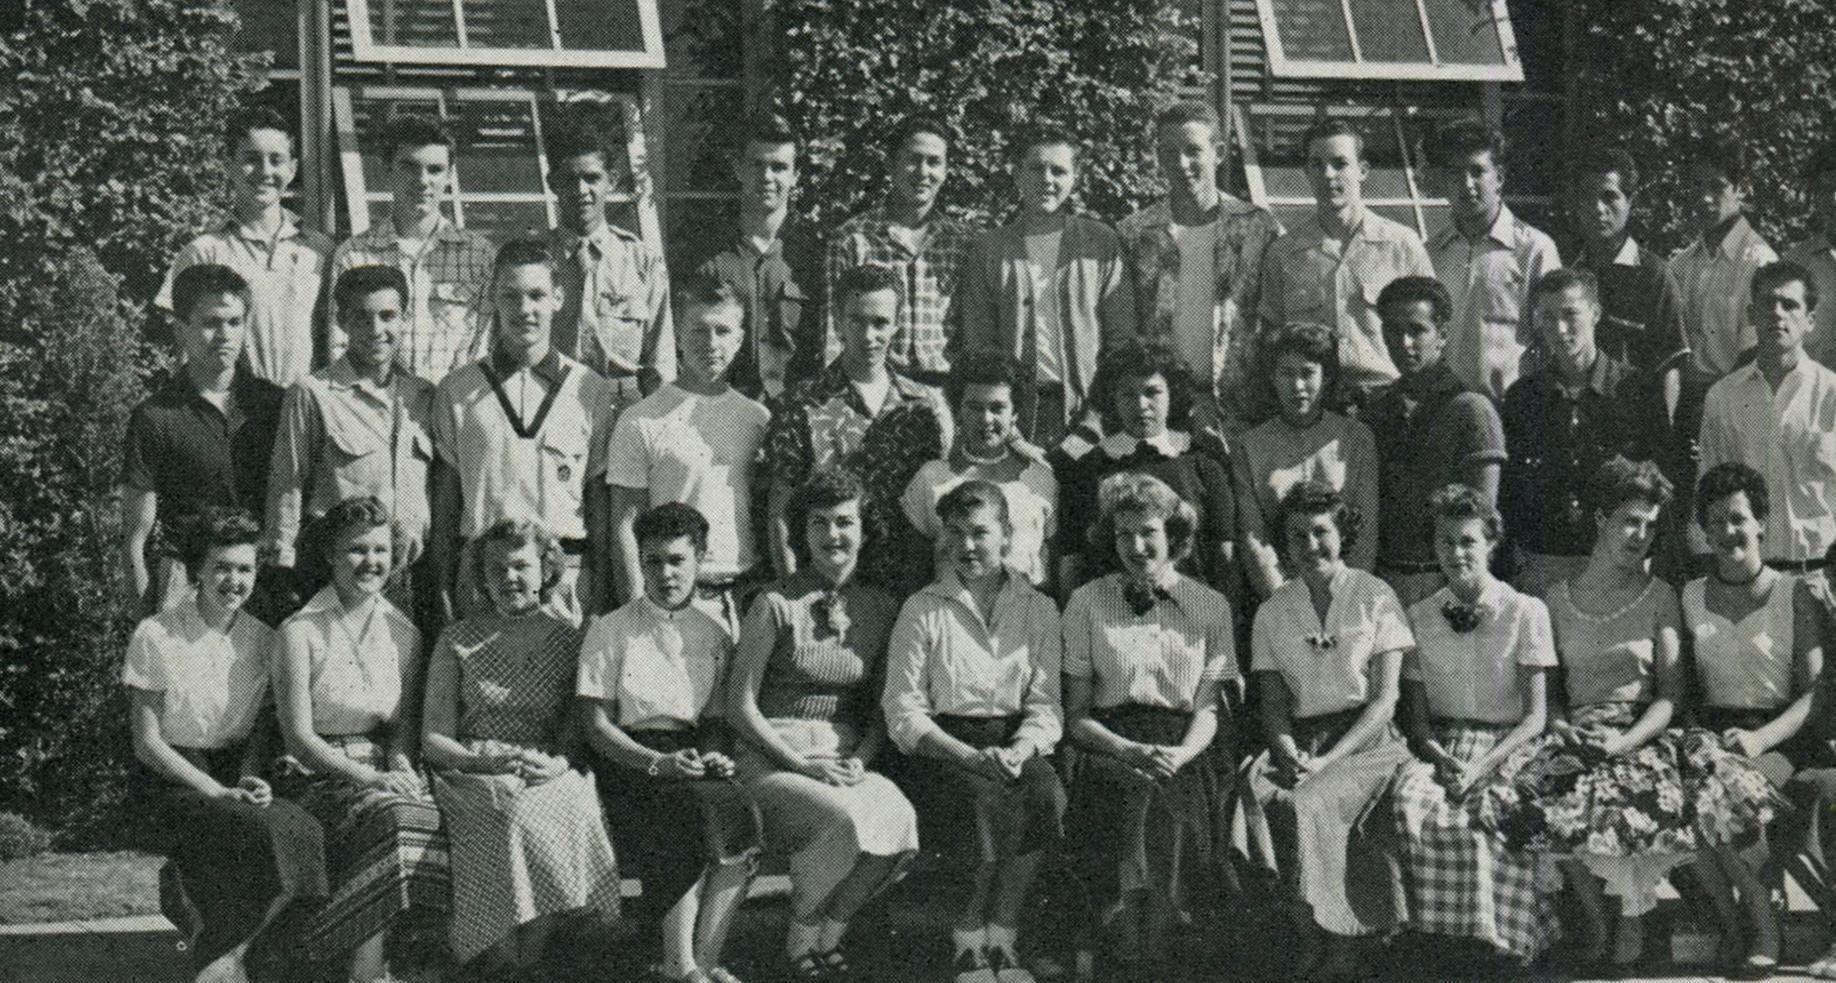 Michael Hiller in class, 1954